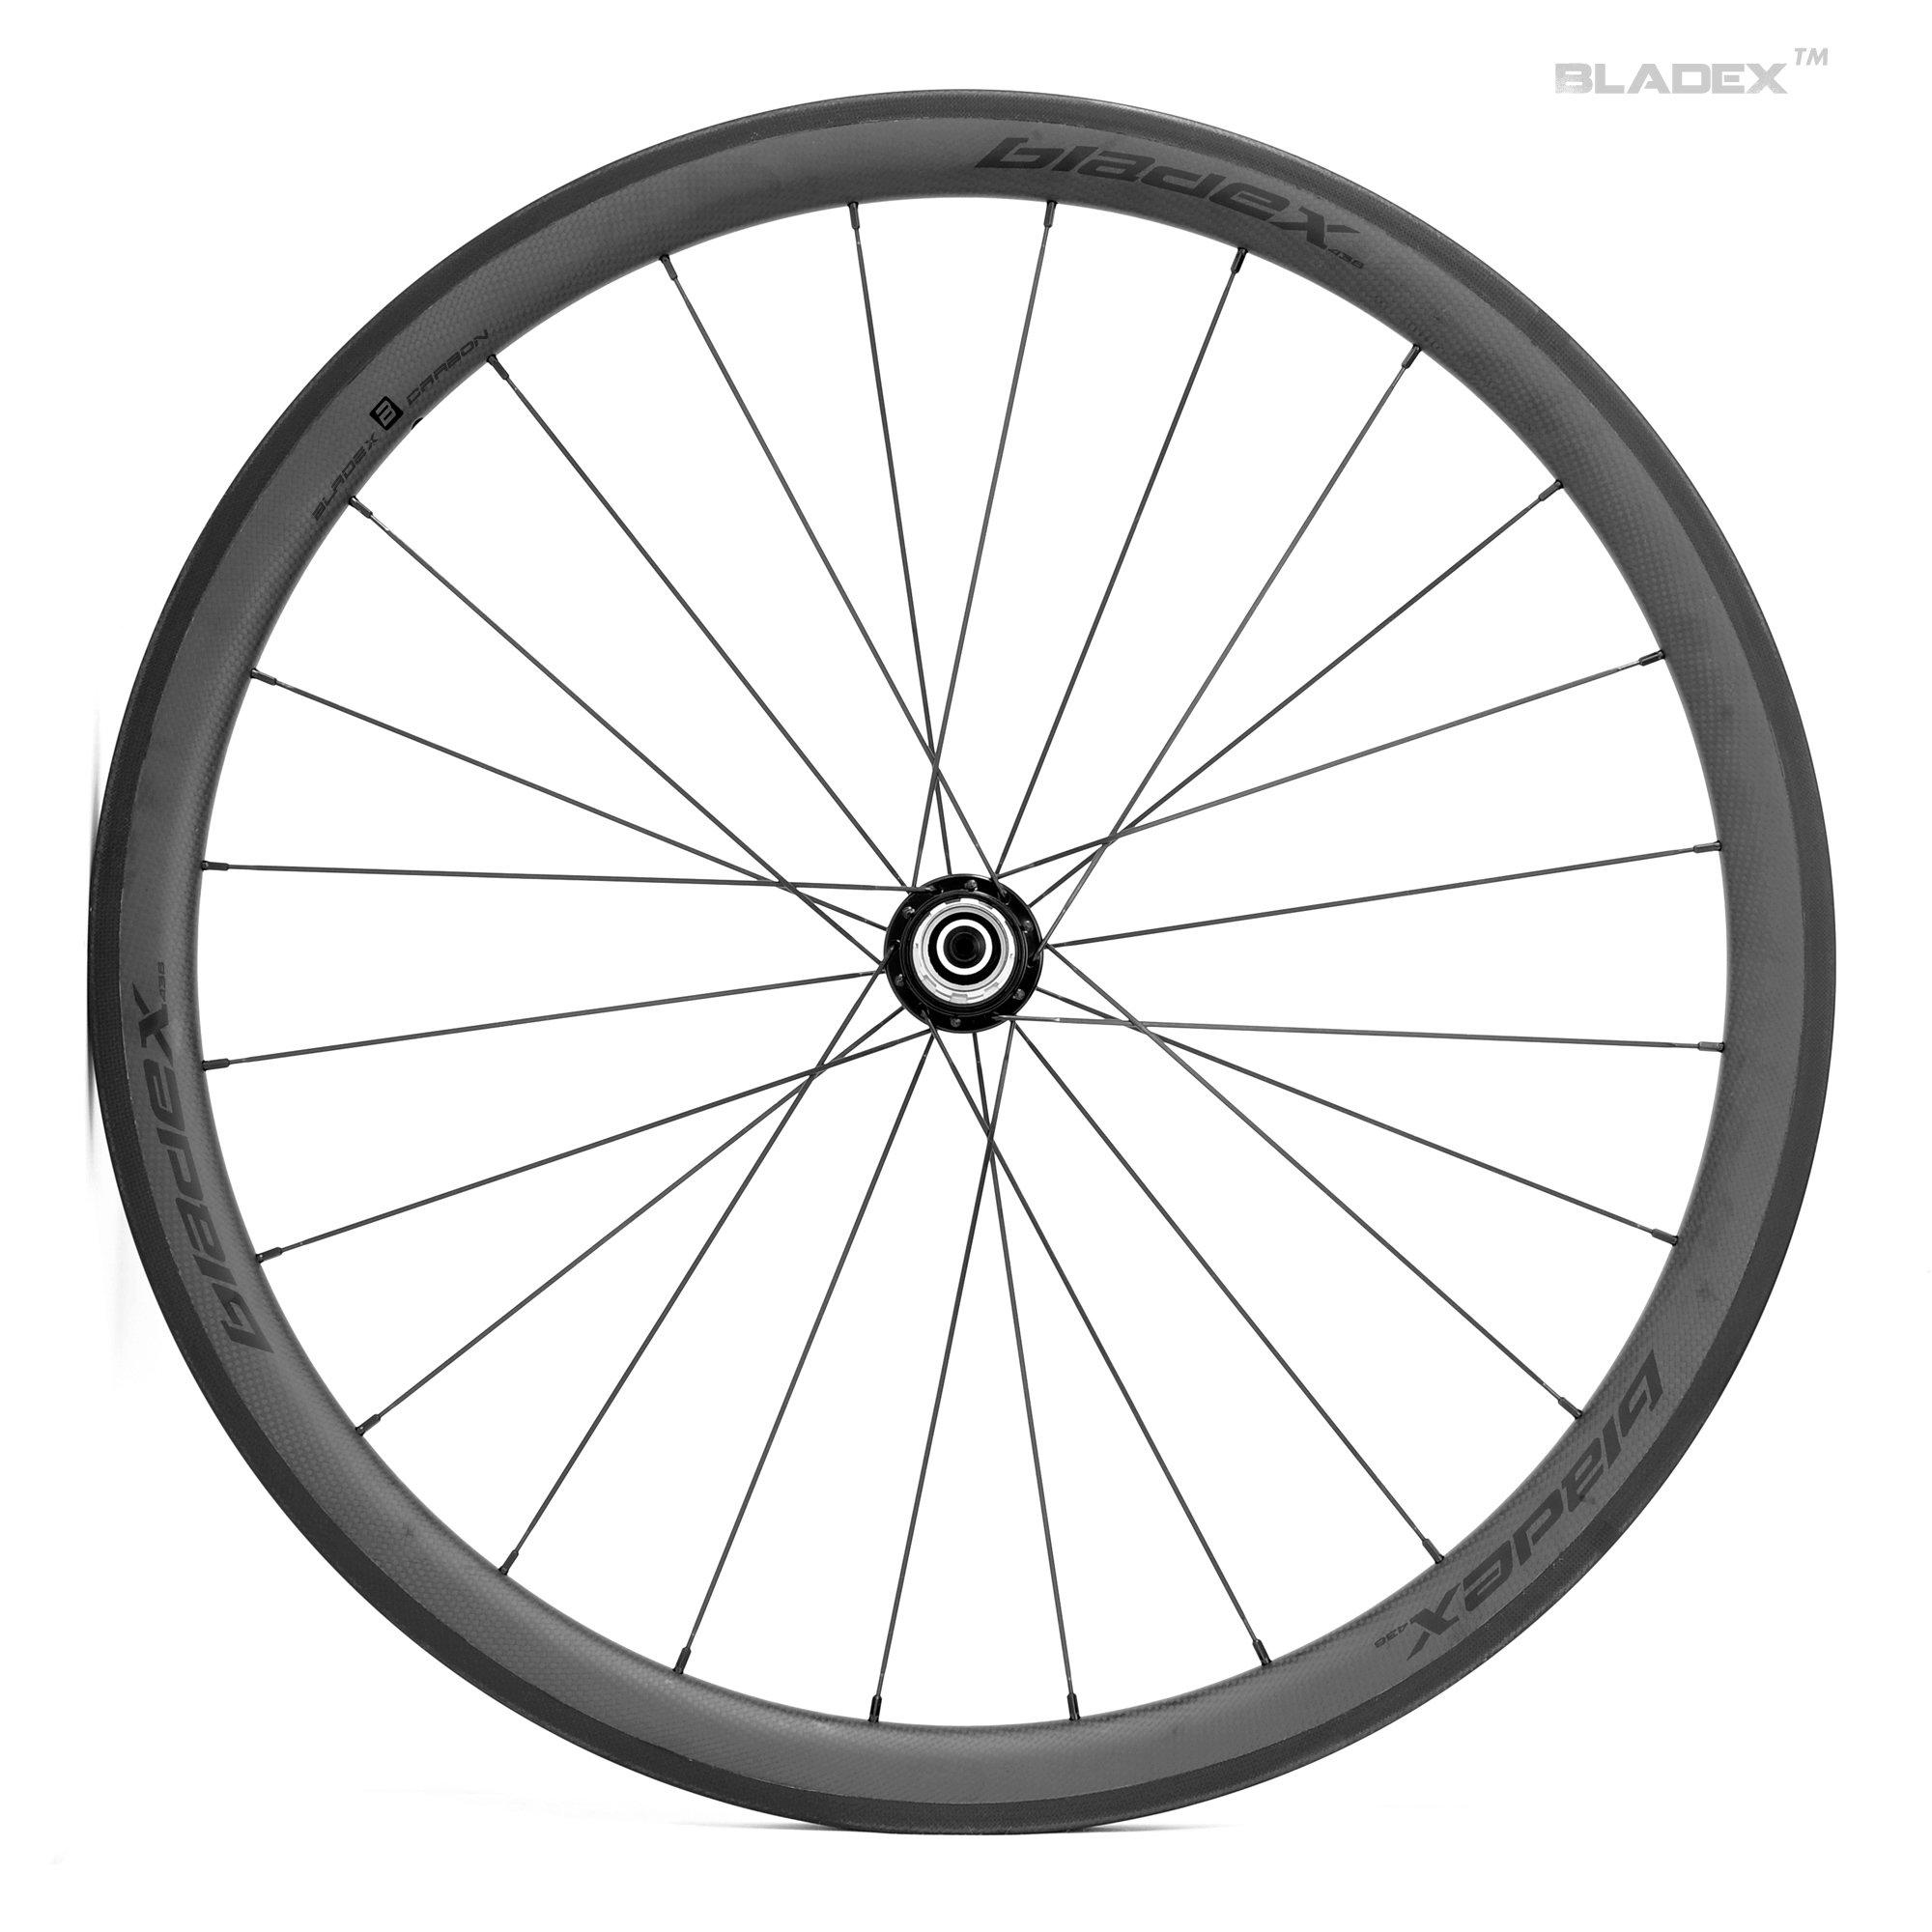 Pro road bike 38mm carbon wheels basalt braking surface for Bicycle rims